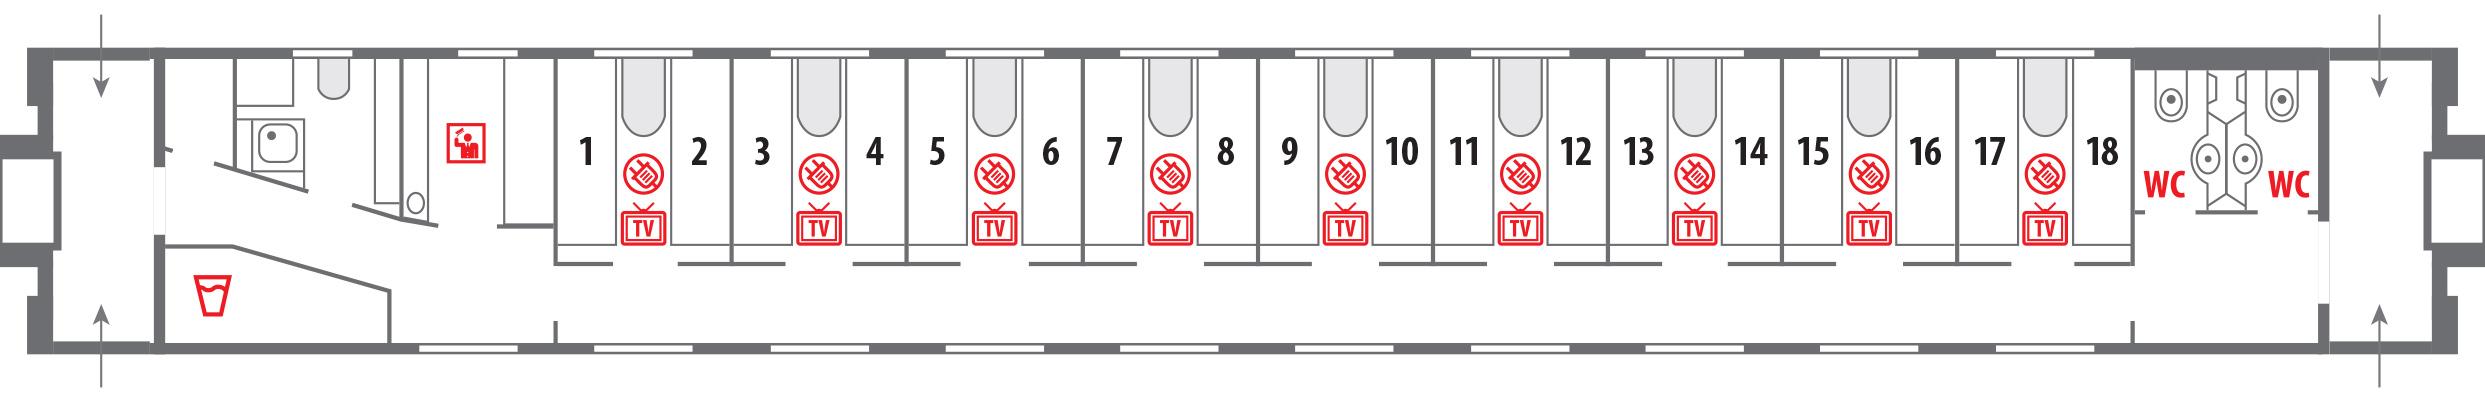 Аварийные окна в плацкартном вагоне схема фото 7